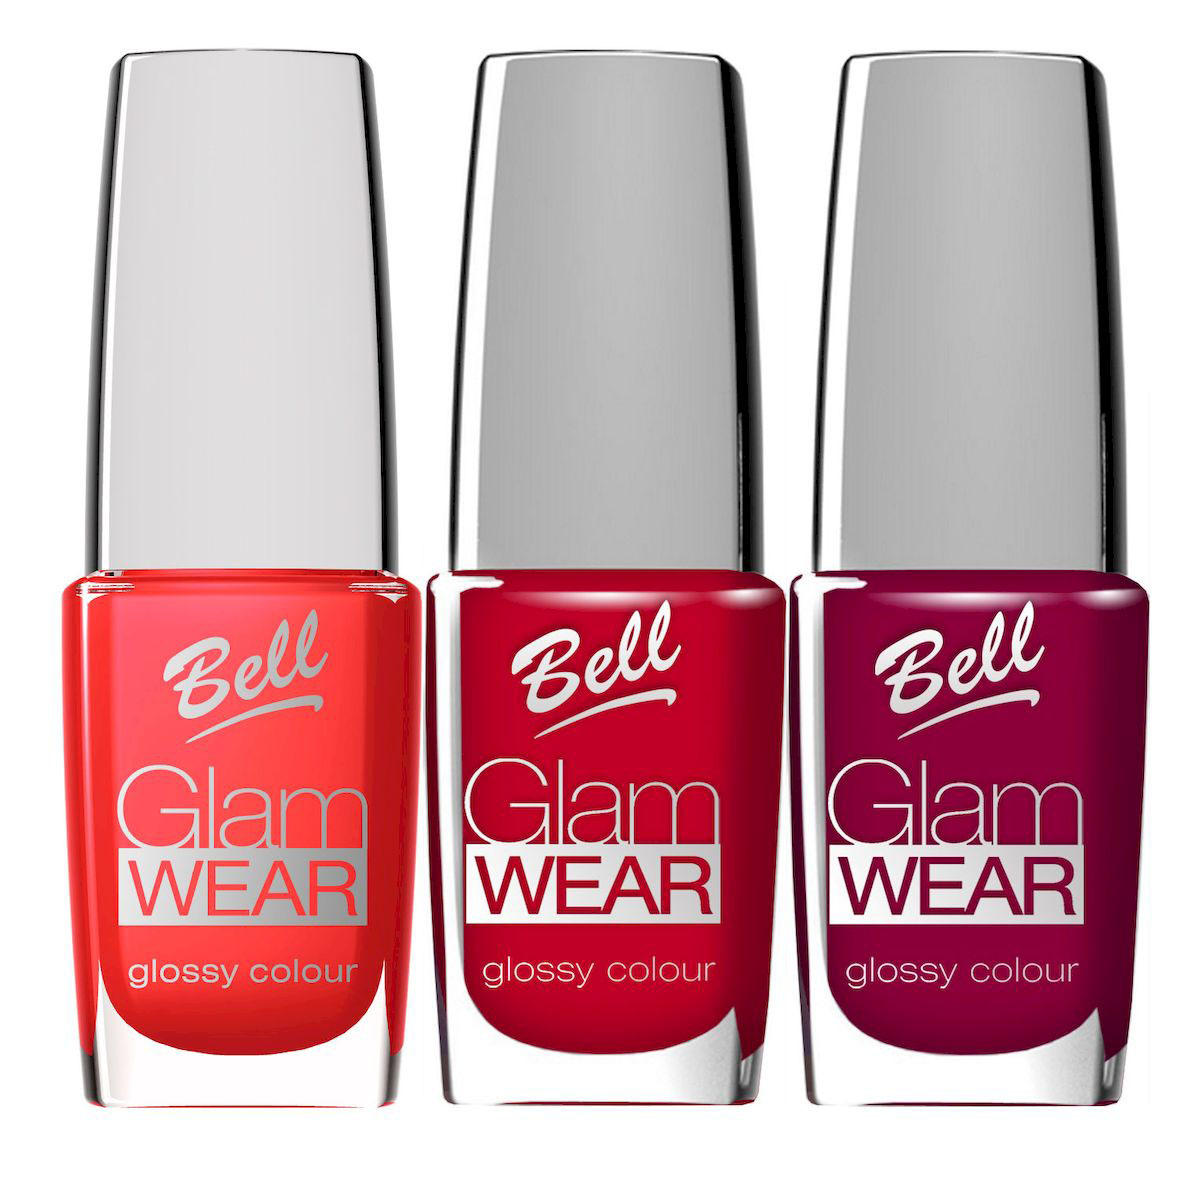 Bell Набор устойчивых лаков для ногтей с глянцевым эффектом Glam Wear Nail: тон №404 , тон №405, тон №406, 30 мл28032022Устойчивый лак для ногтей.